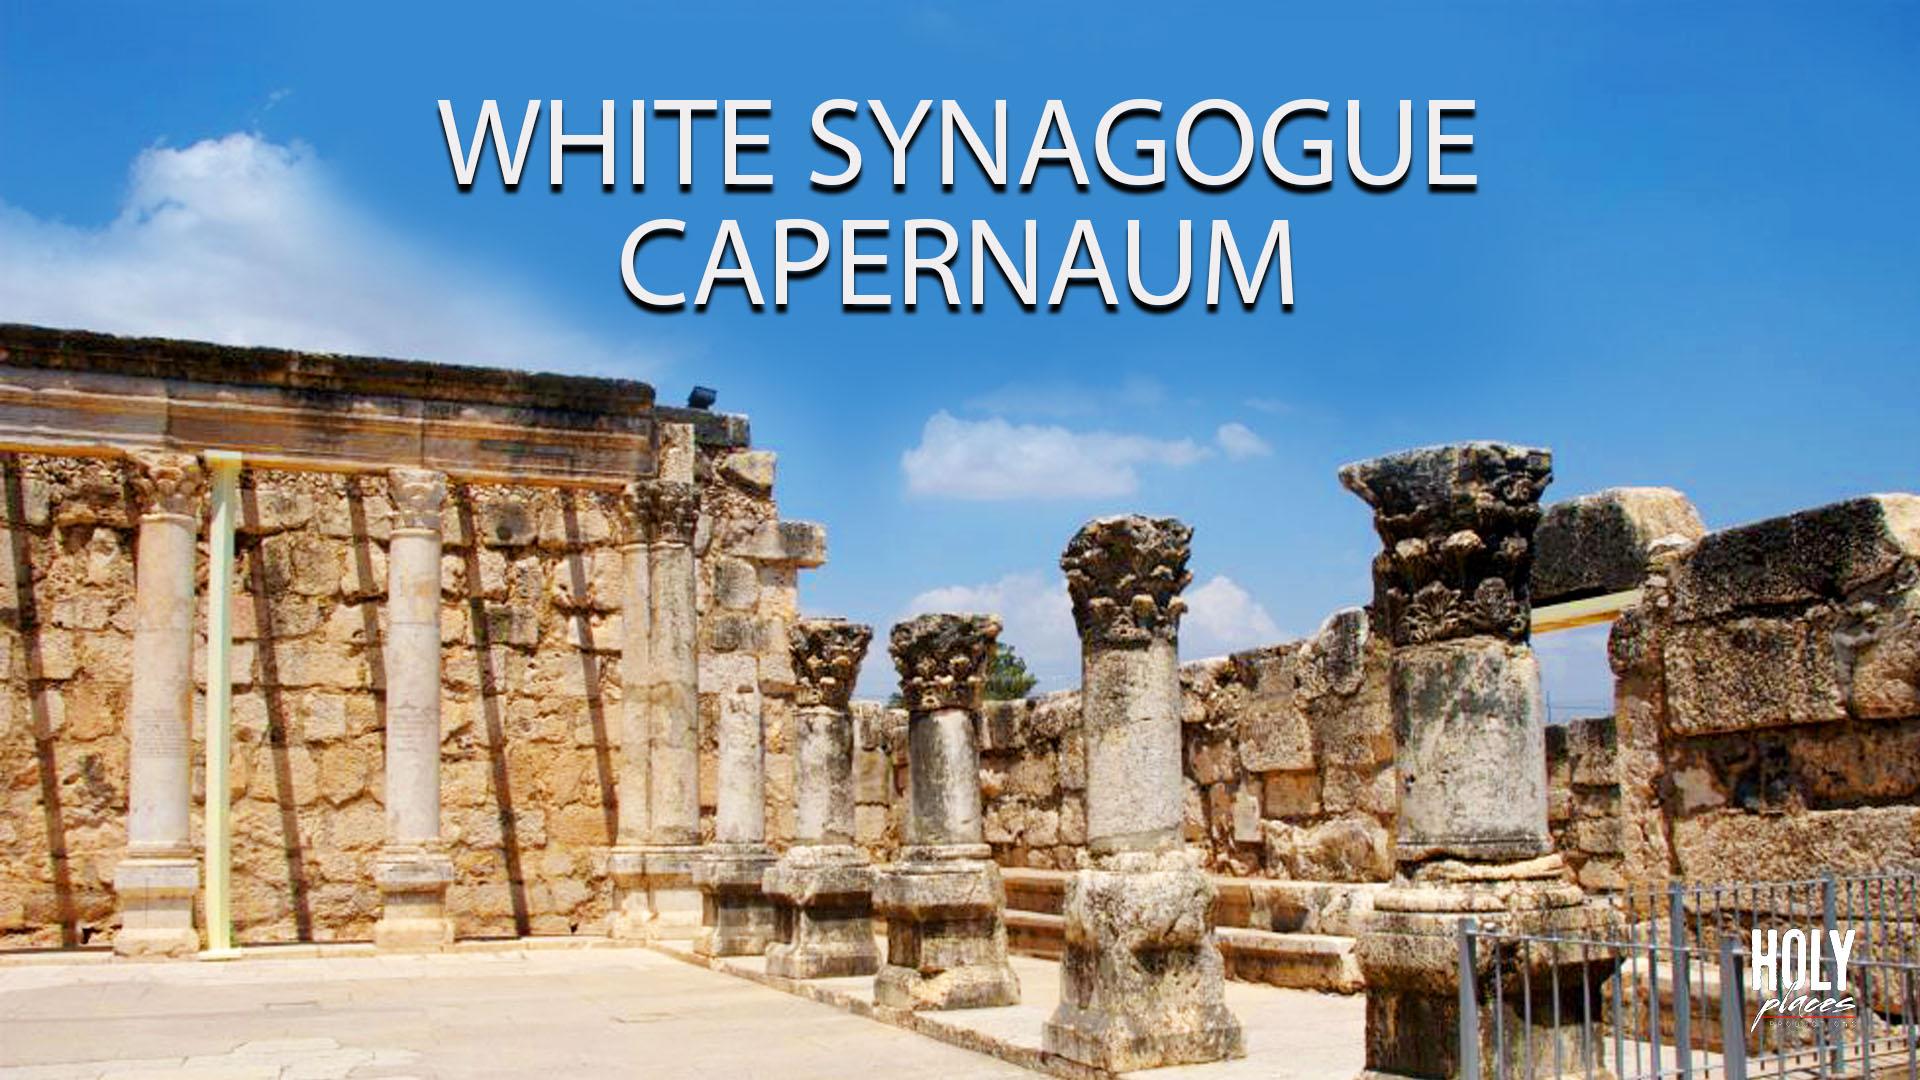 White Synagogue Capernaum